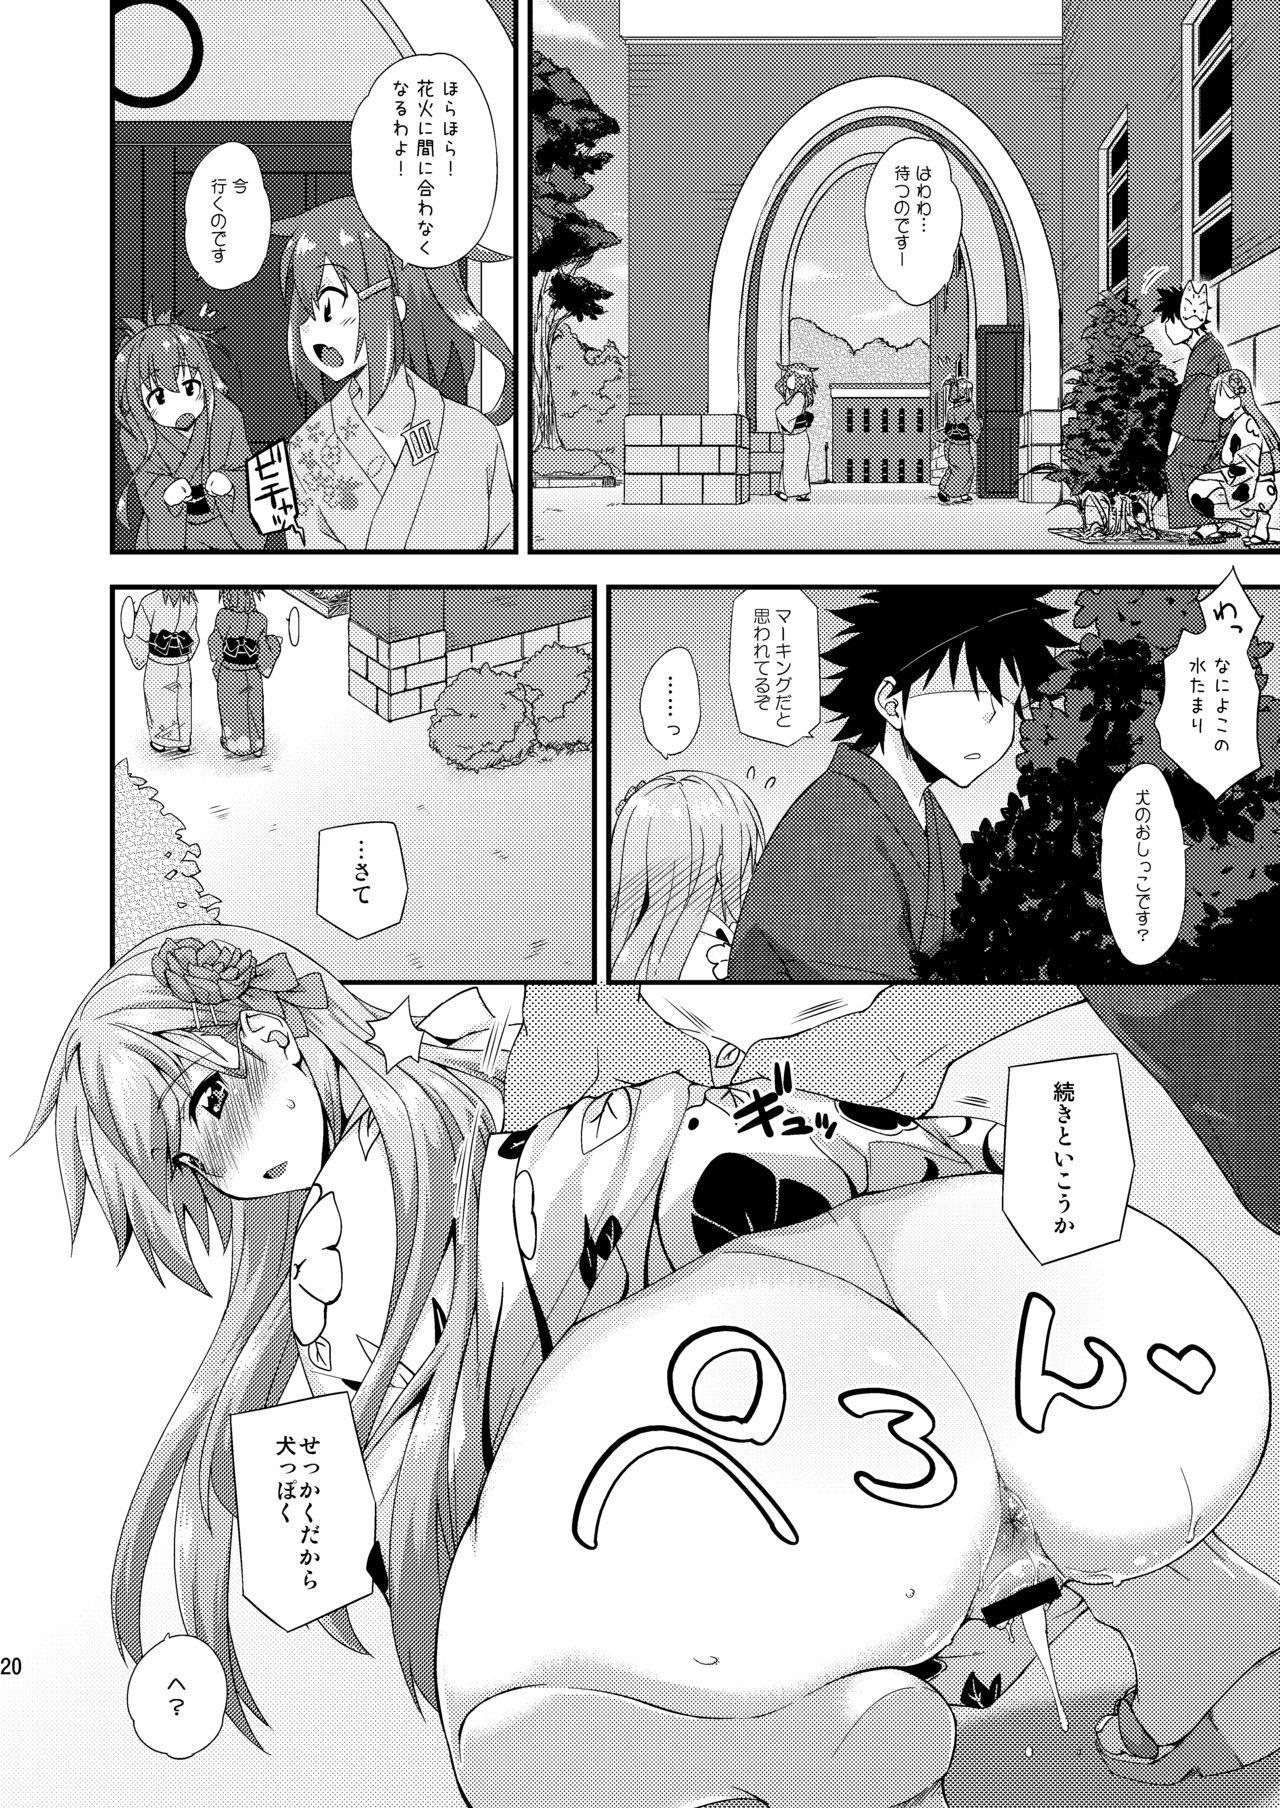 Suzuya to Dousuru? Nani Shichau? 13 18